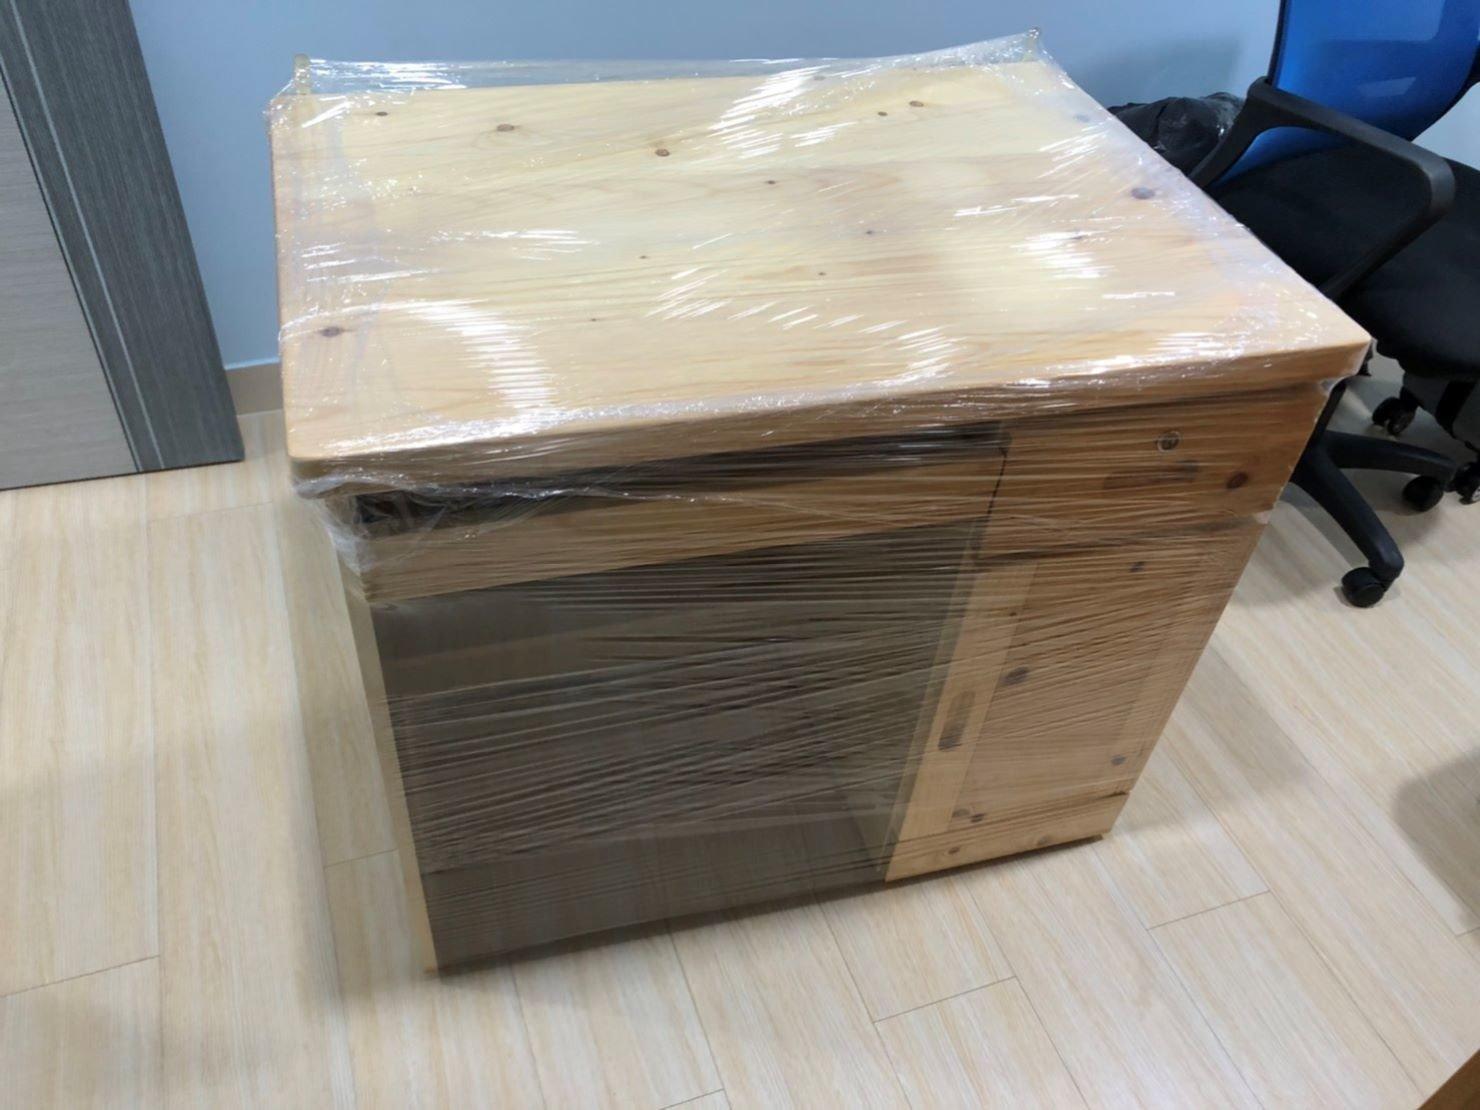 台北搬家、新北搬家【榮福搬家公司】搬家口碑第一、台北搬家推薦:木製書桌以膠膜來做防護包裝,在師傅們包裝搬運前記得將抽屜清空喔!